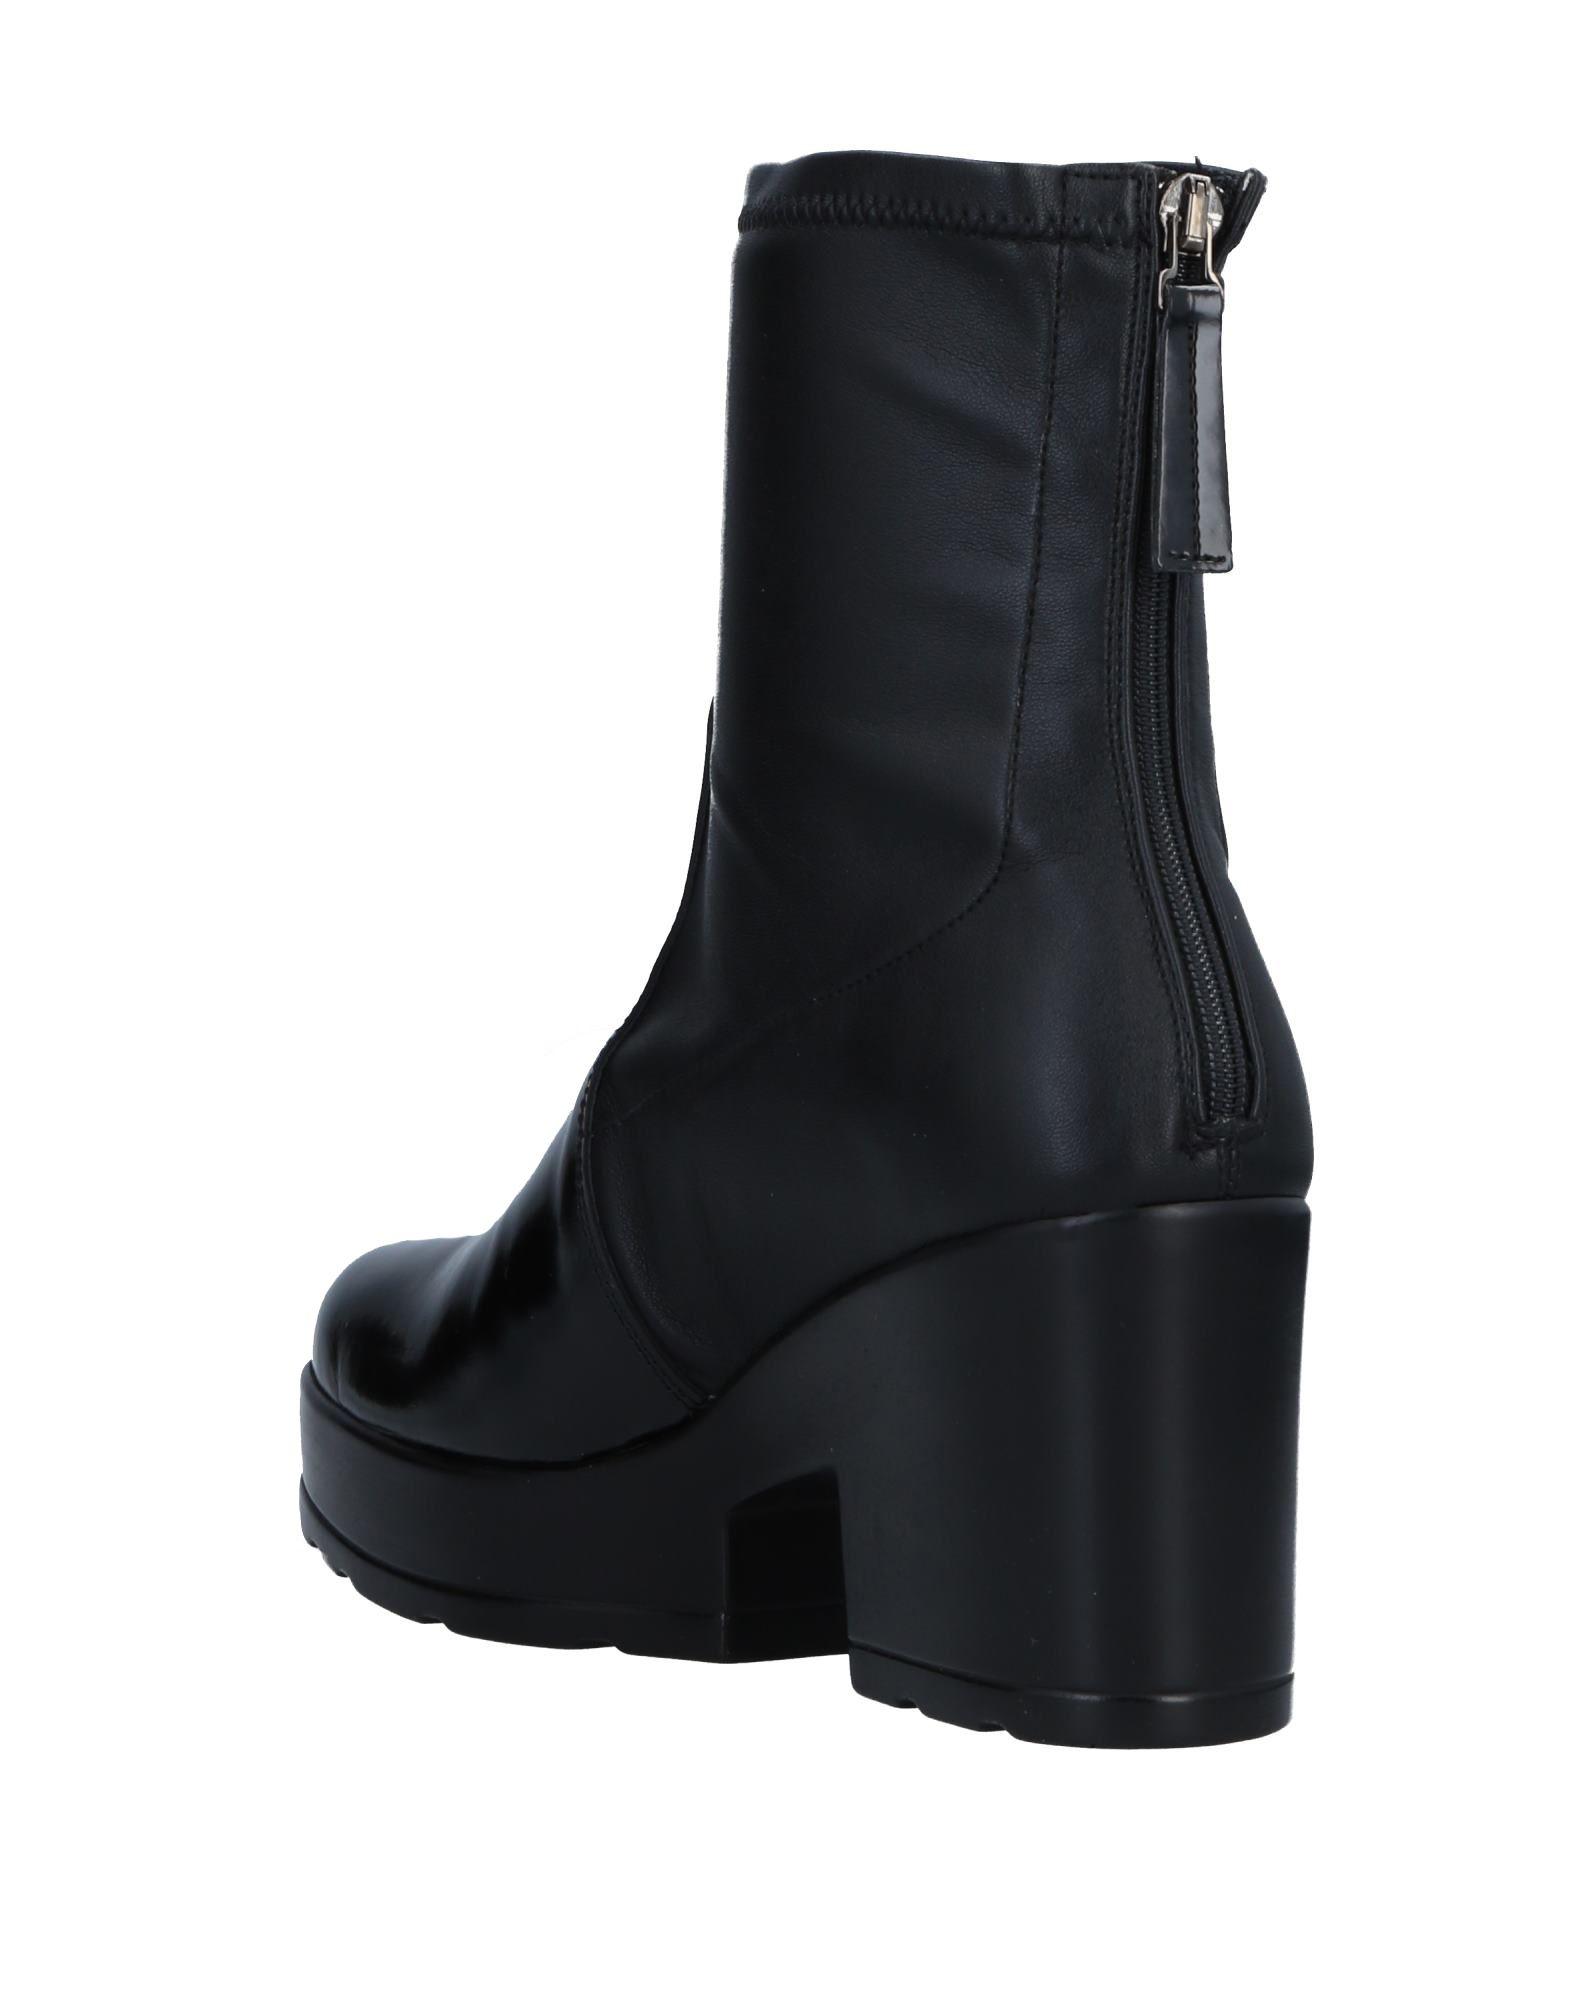 Stilvolle Damen billige Schuhe Jeannot Stiefelette Damen Stilvolle  11543528GH 8ca6c1